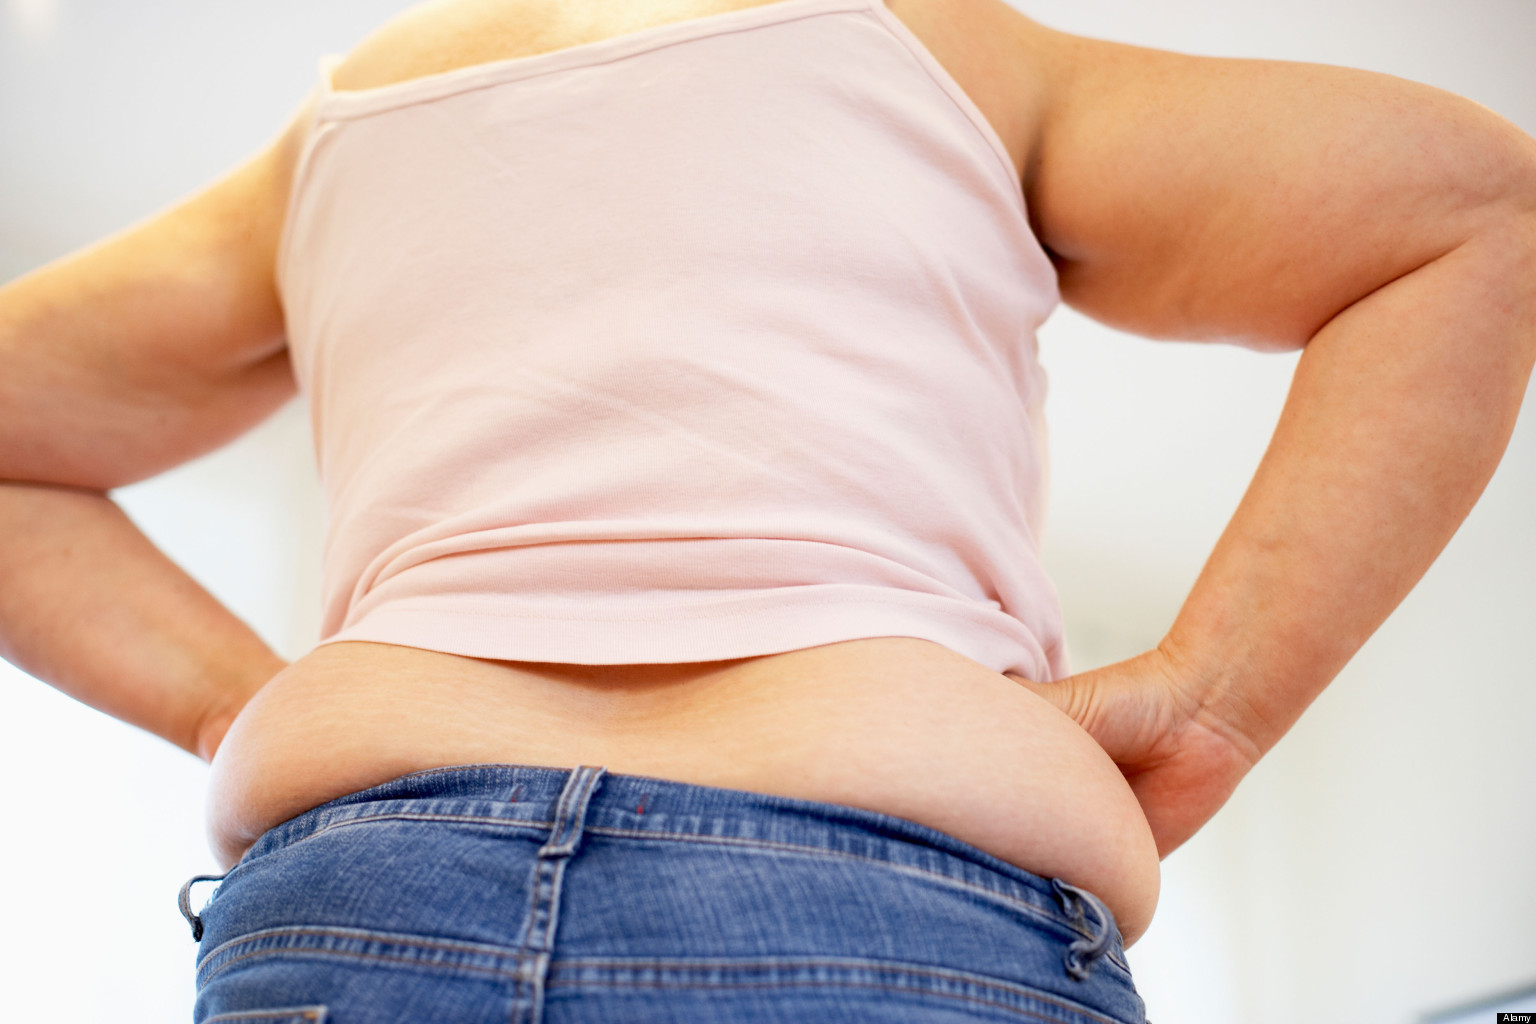 5 cach don gian de giam mo bung don gian ma hieu qua 1 5 cách để giảm mỡ bụng đơn giản mà hiệu quả